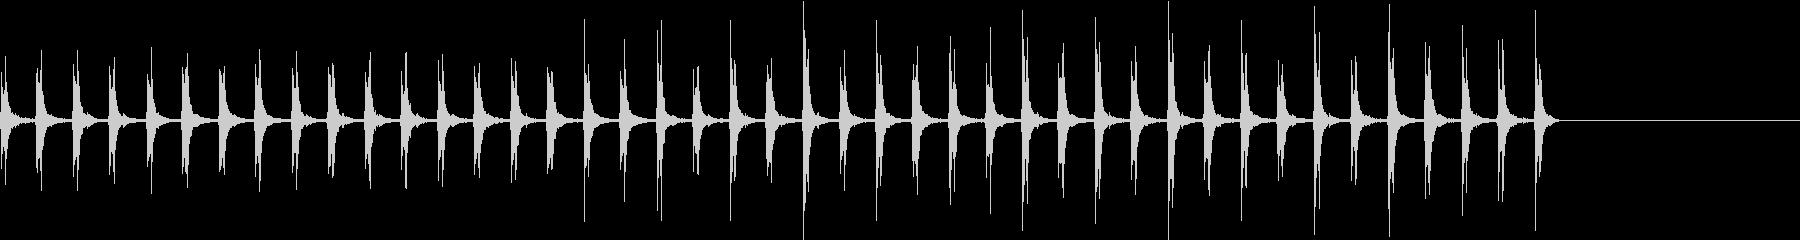 点火エンジン----アイドル-屋外の未再生の波形